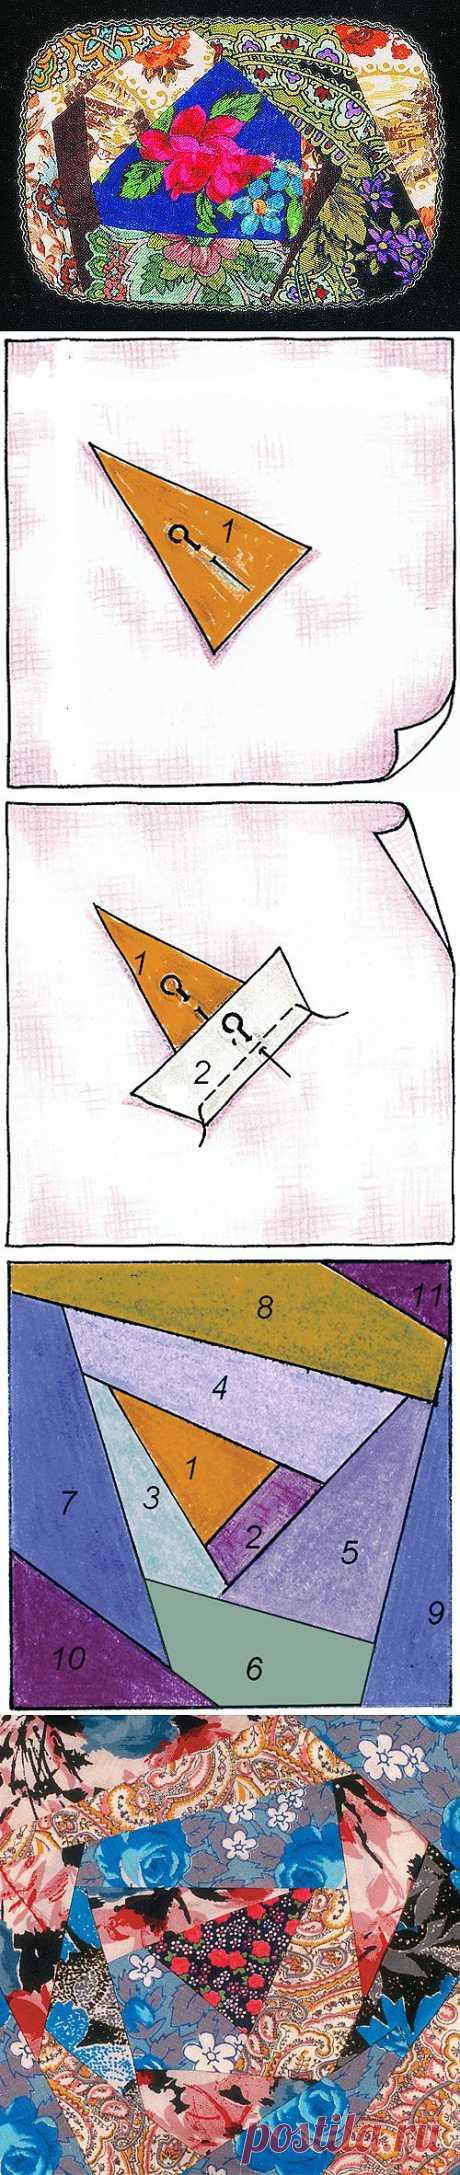 La costura de pedazos en el estilo libre kreyzi.